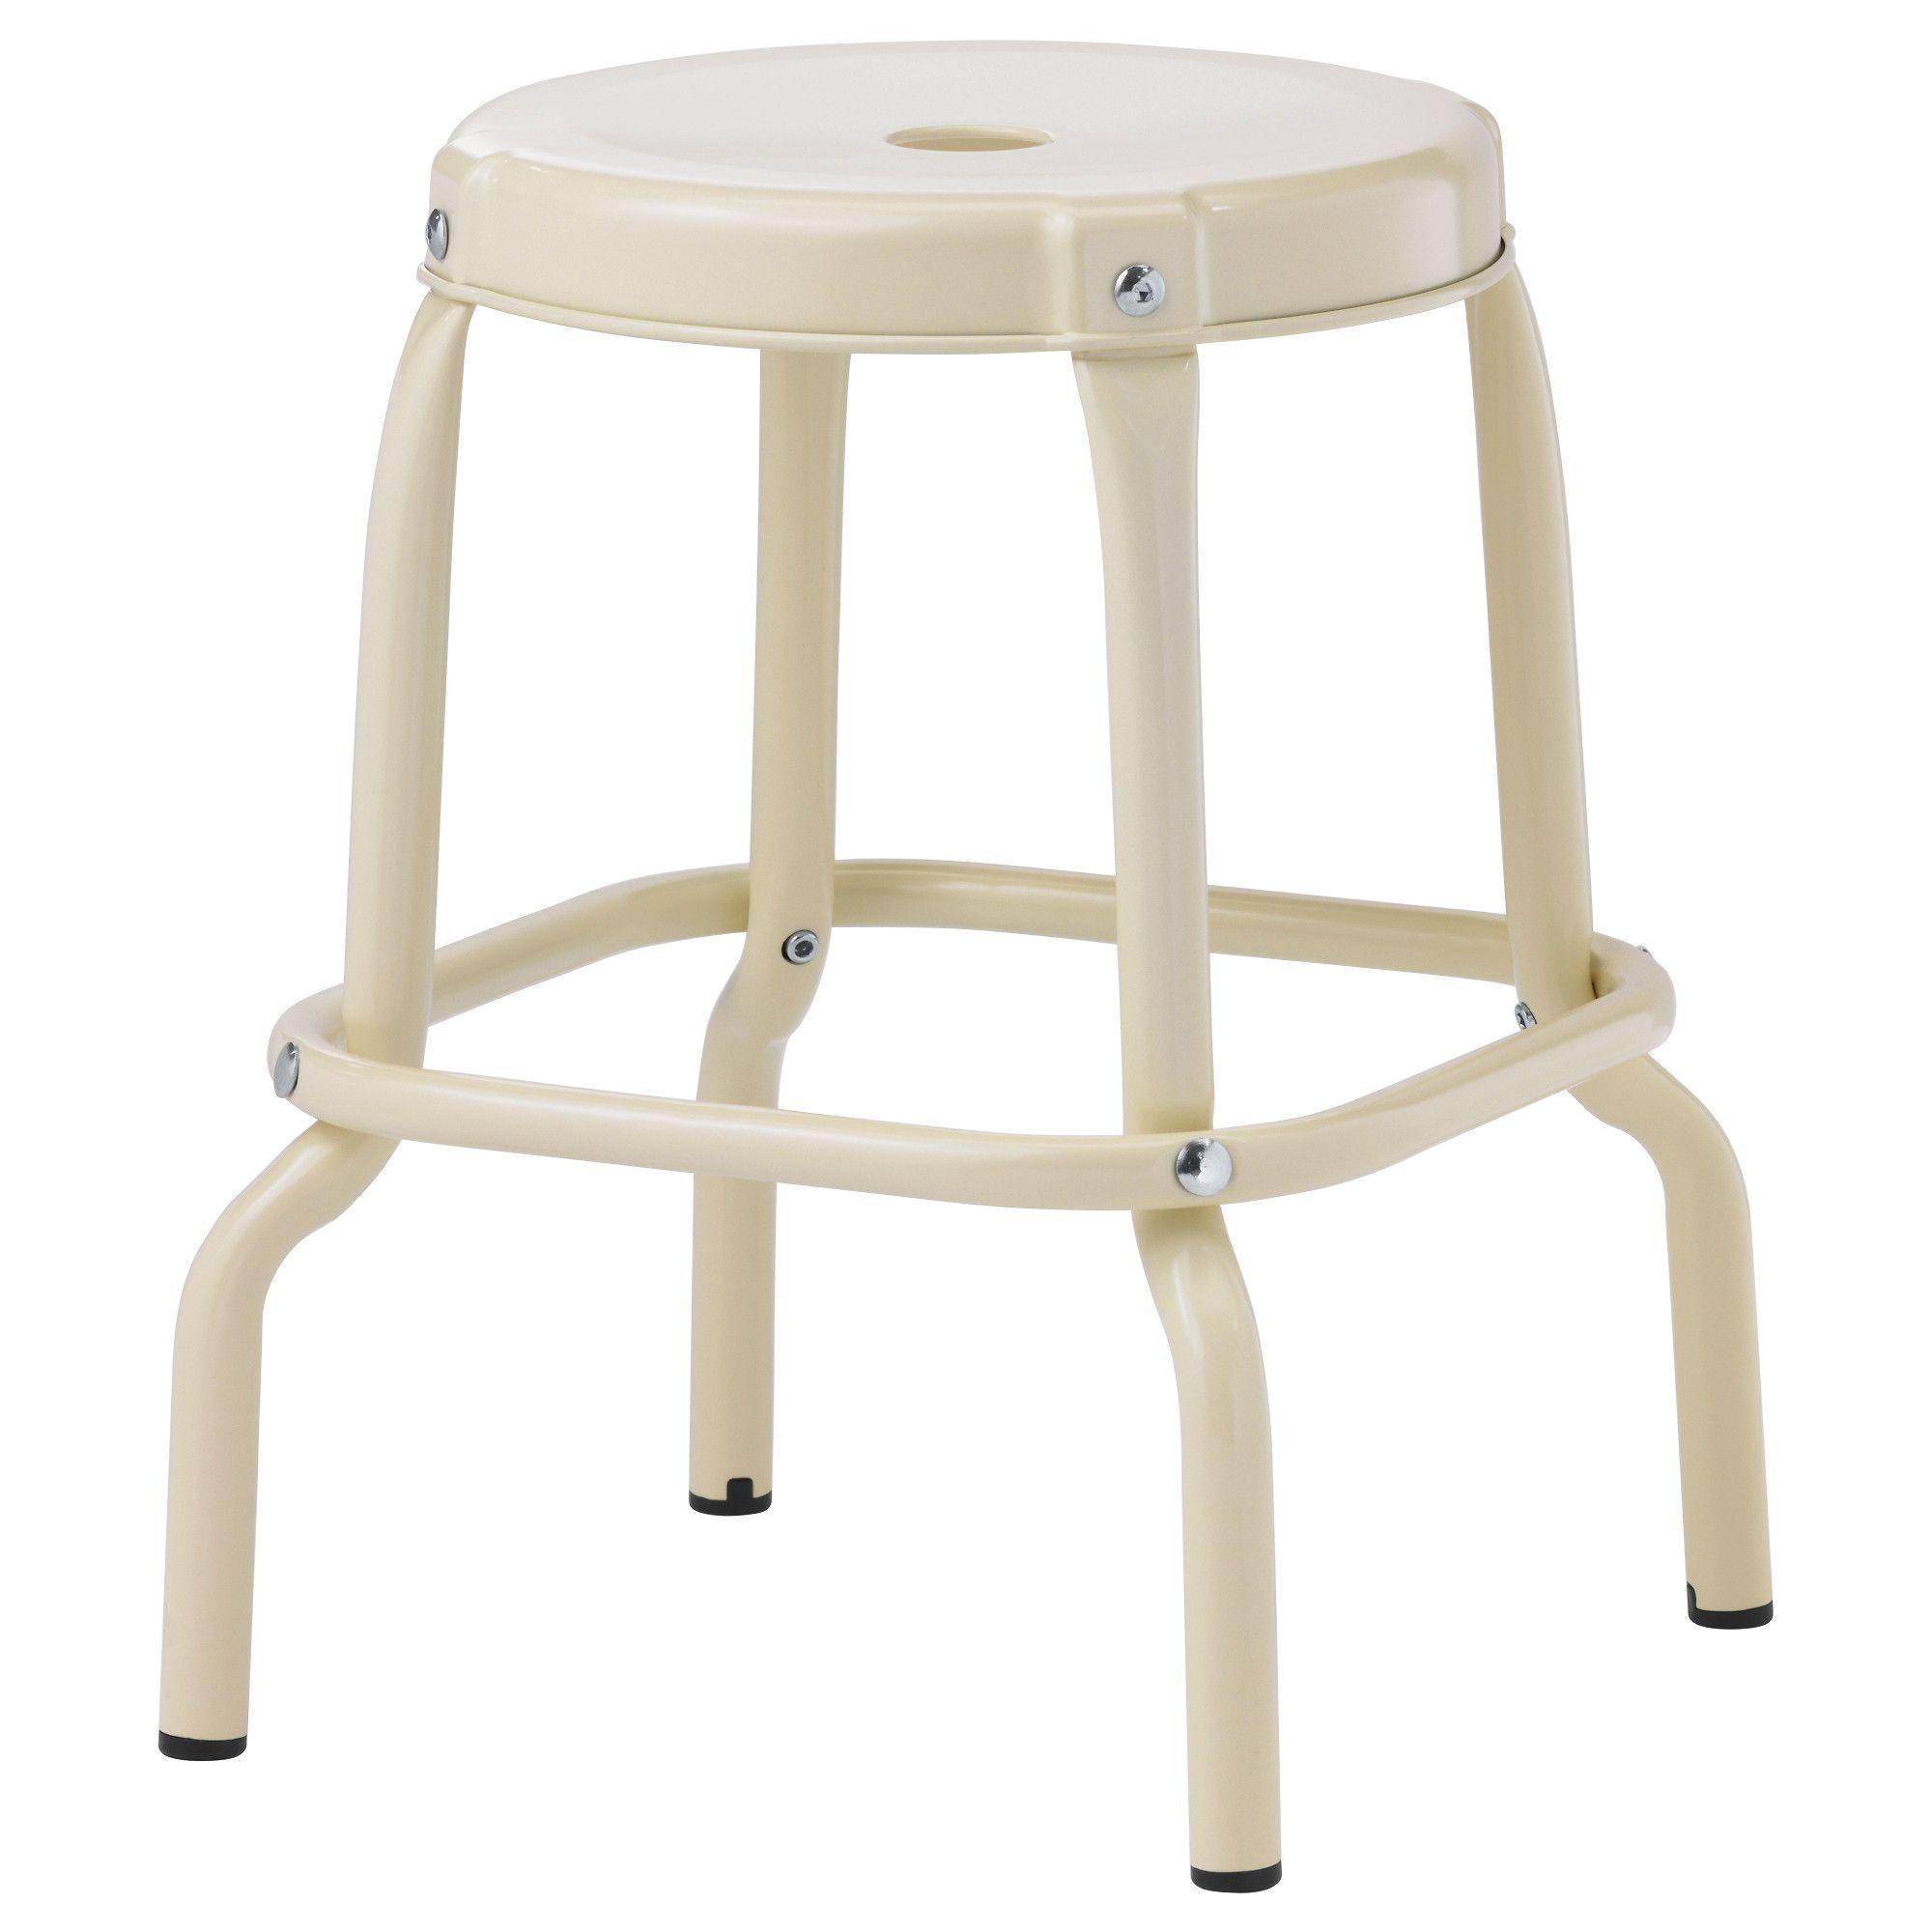 RÅSKOG Stool, beige | Hocker, Küche esszimmer und Stuhl